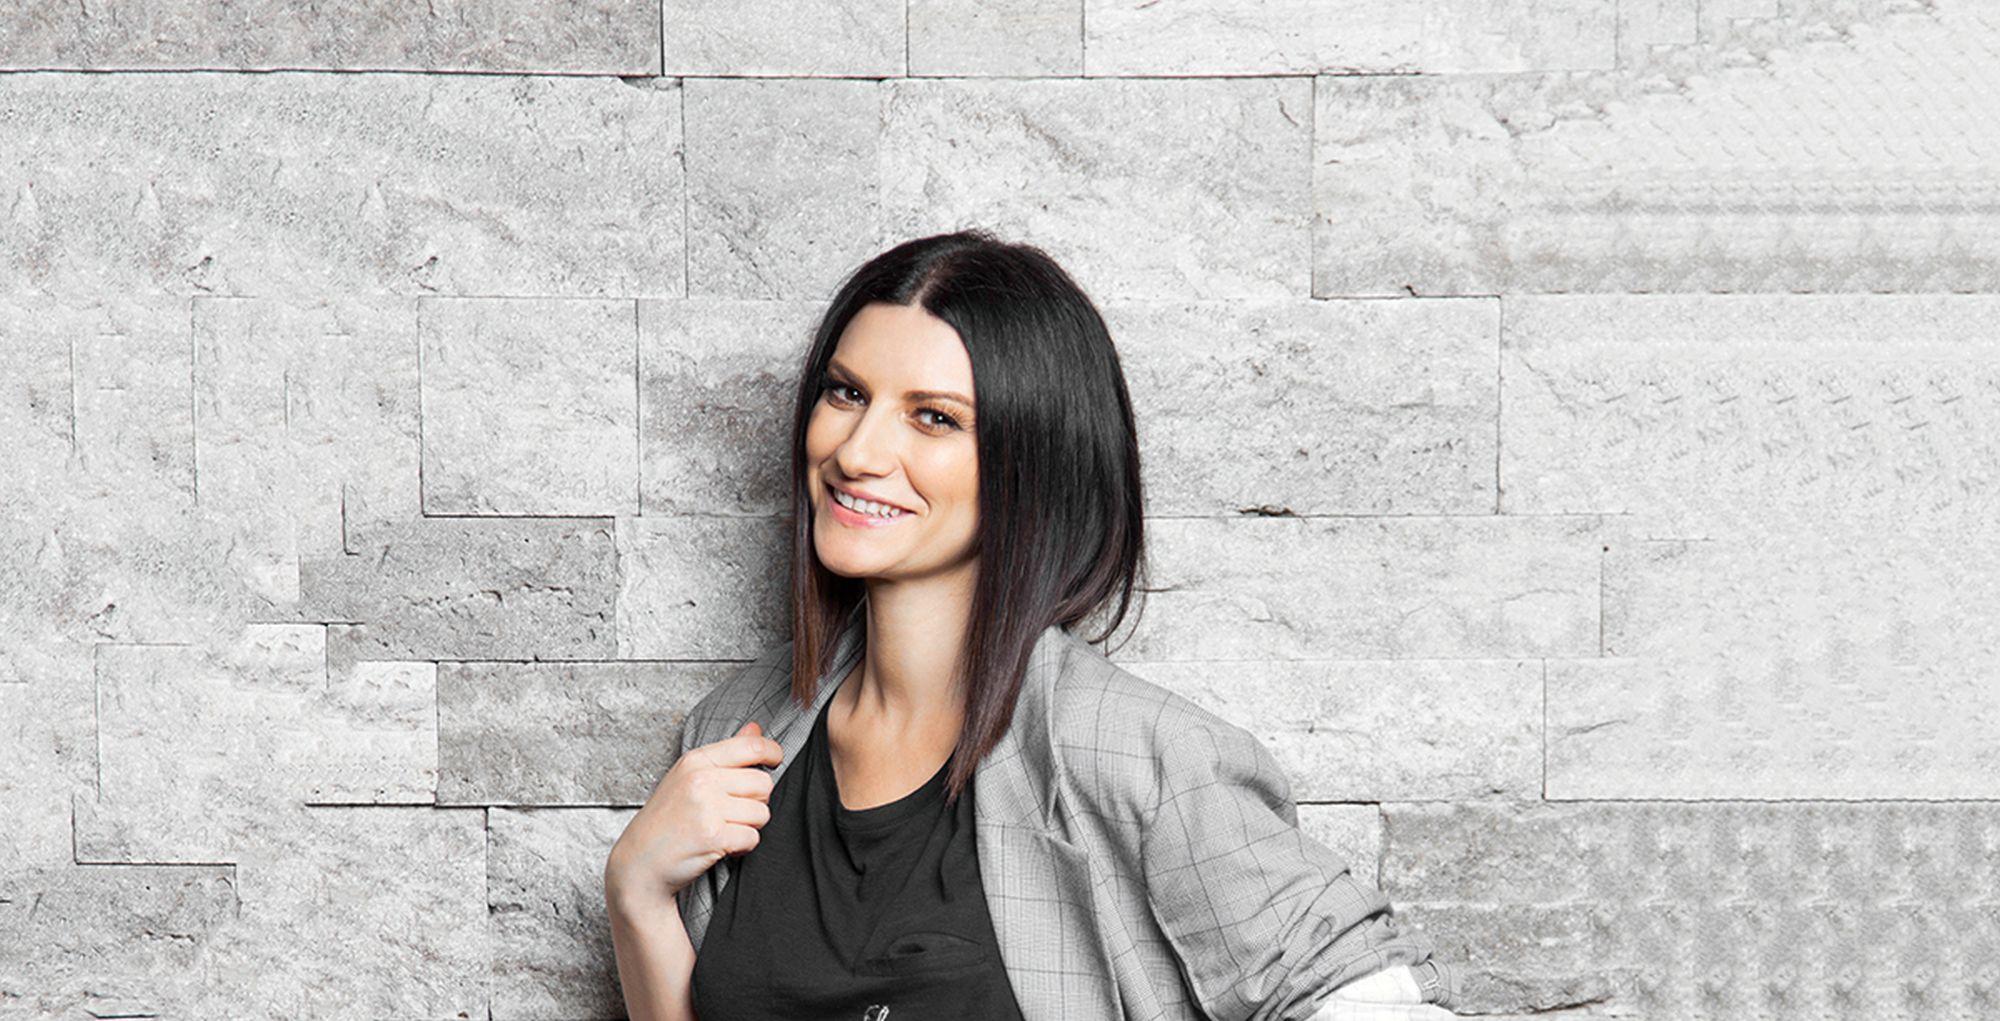 Il nuovo singolo di Laura Pausini è La soluzione: testo, curiosità